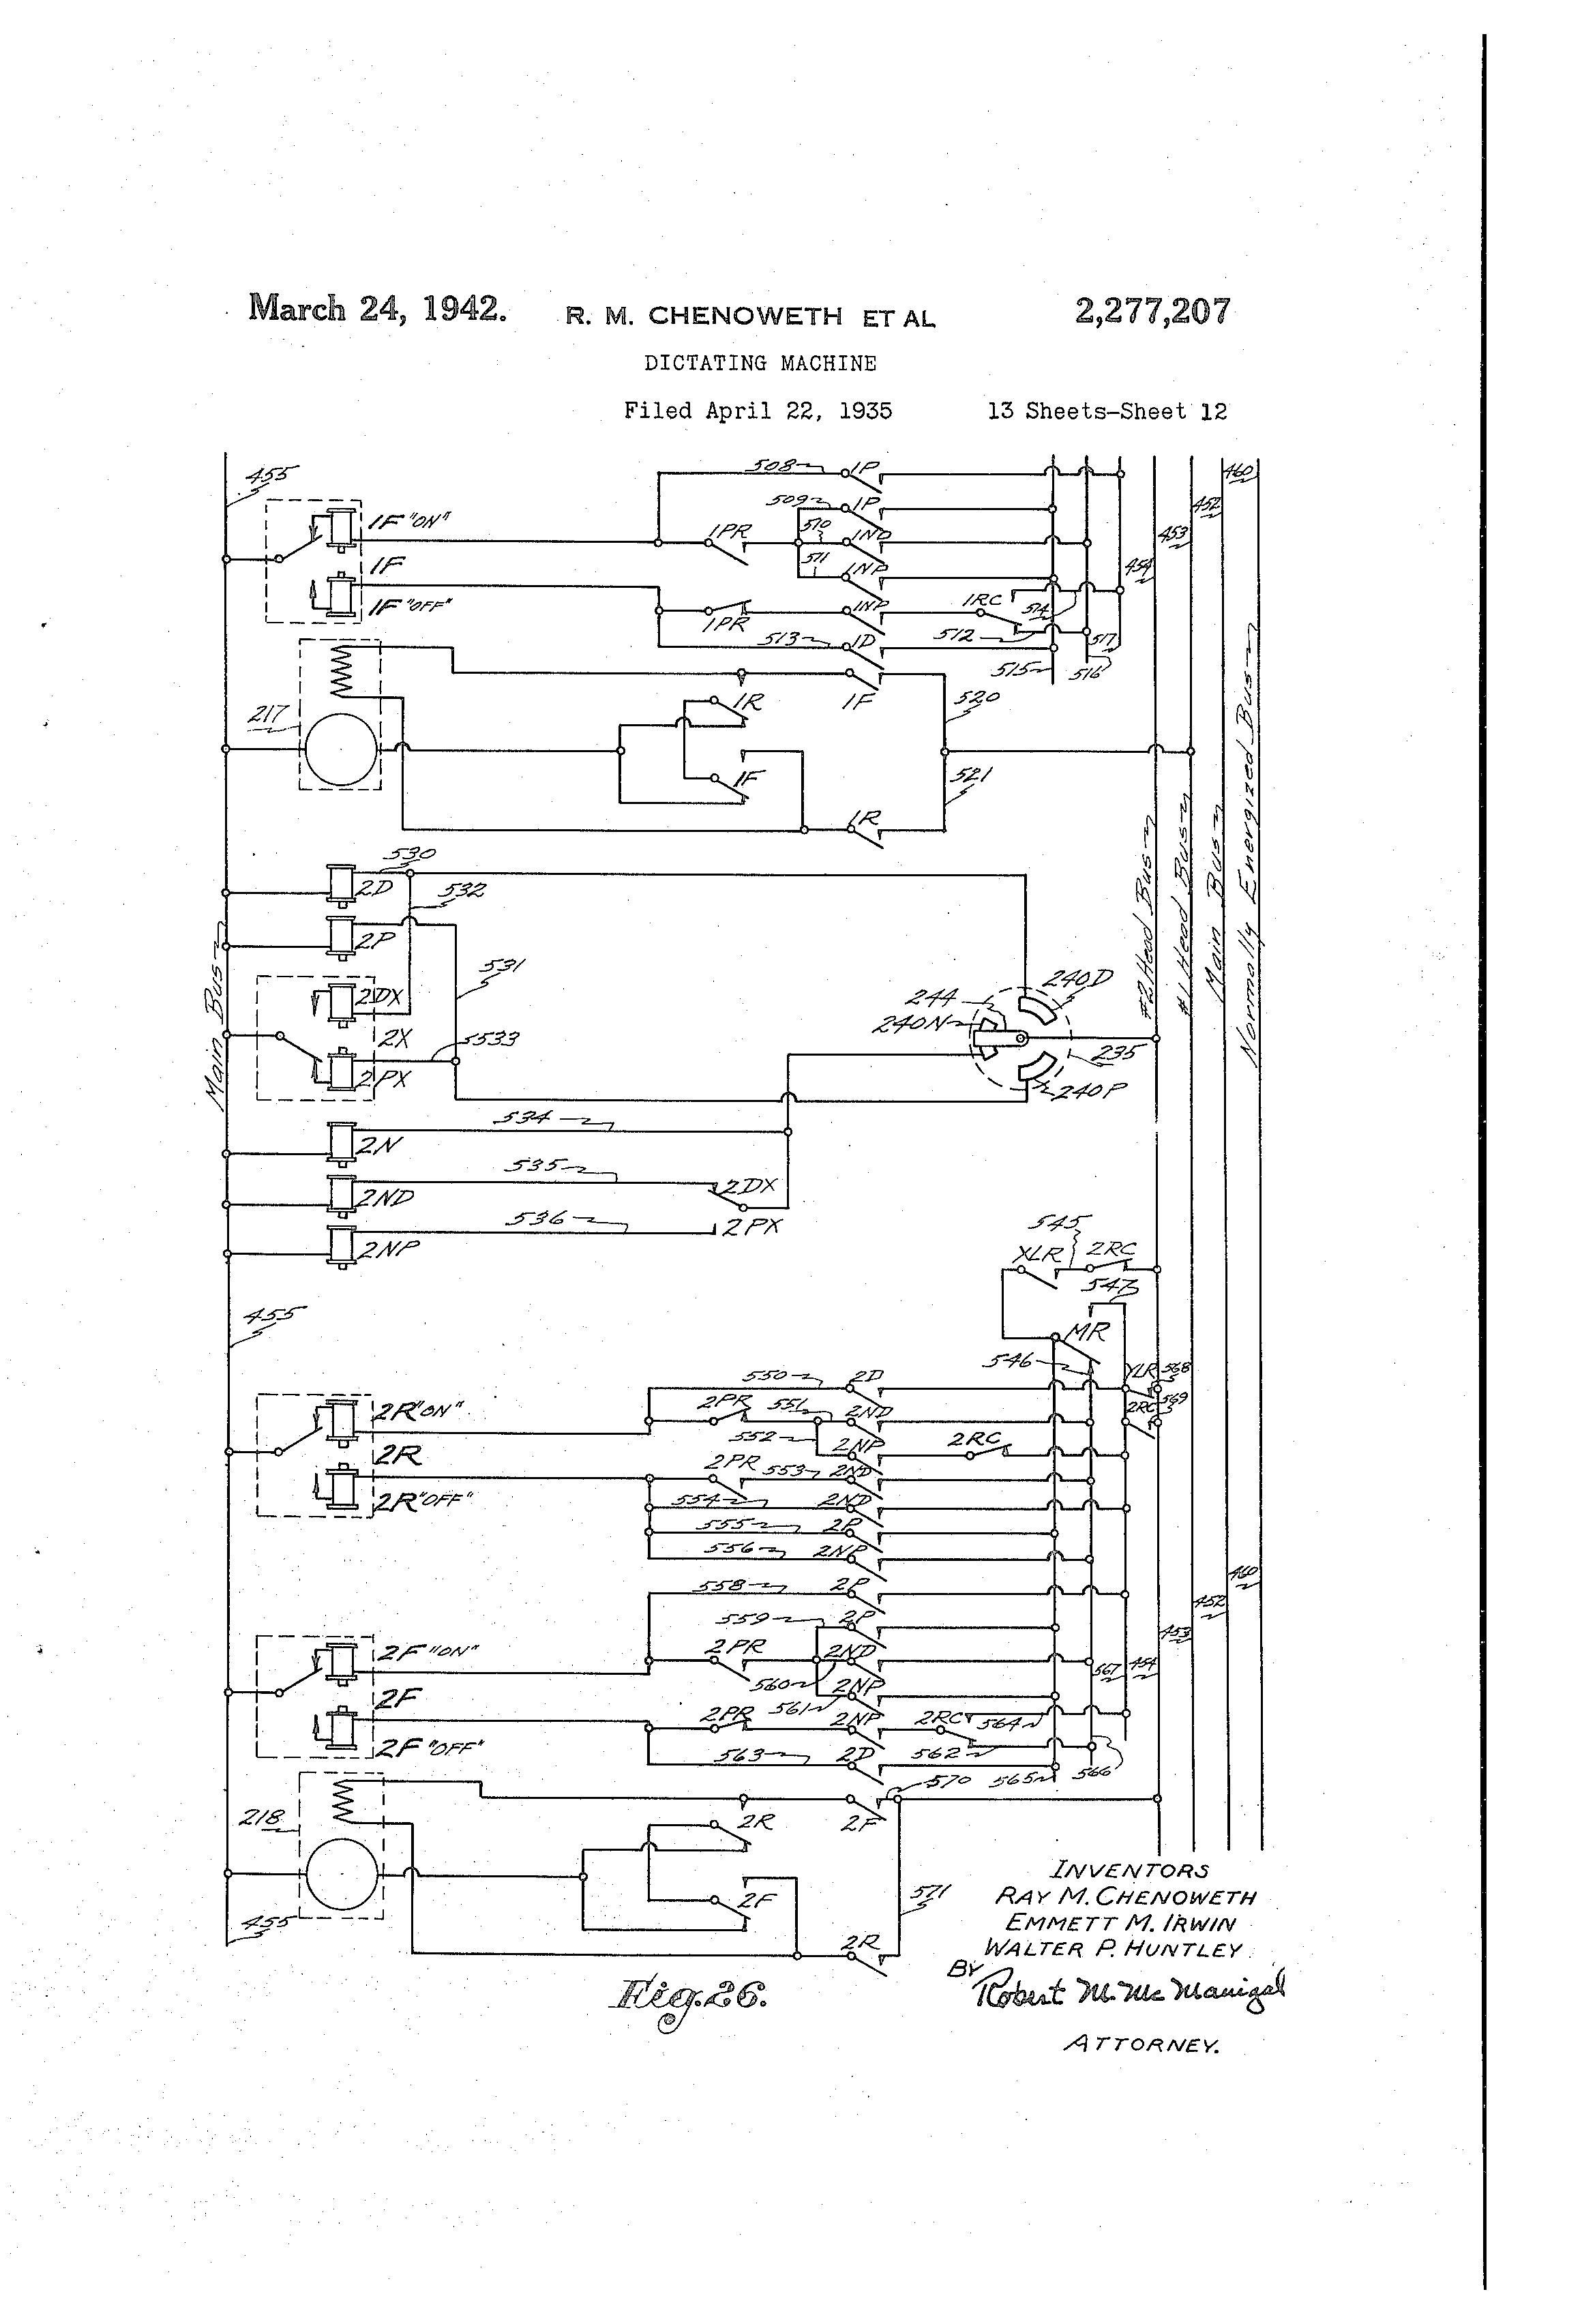 Dicktator Std Wiring Diagram